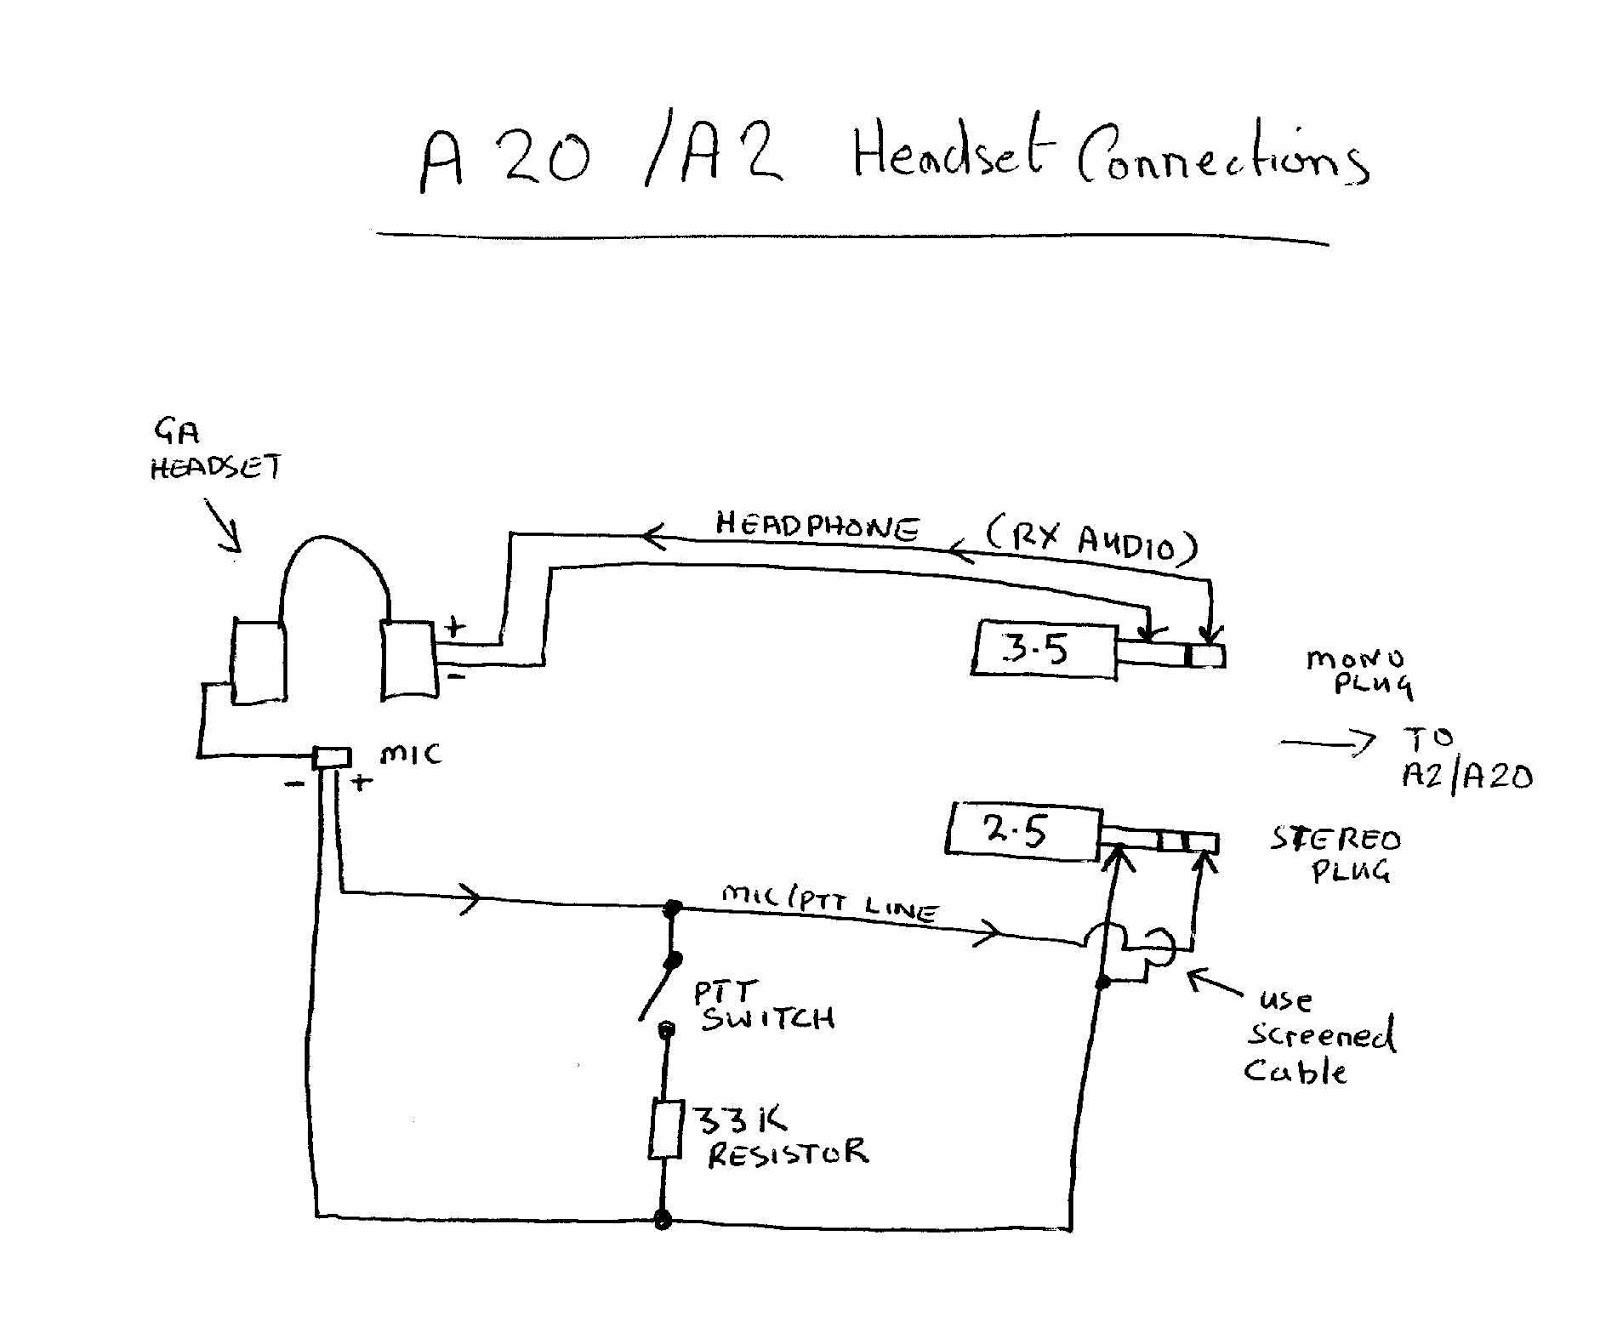 bose a20 wiring diagram - kenwood microphone wiring diagram new luxury  headphone with mic headphone circuit